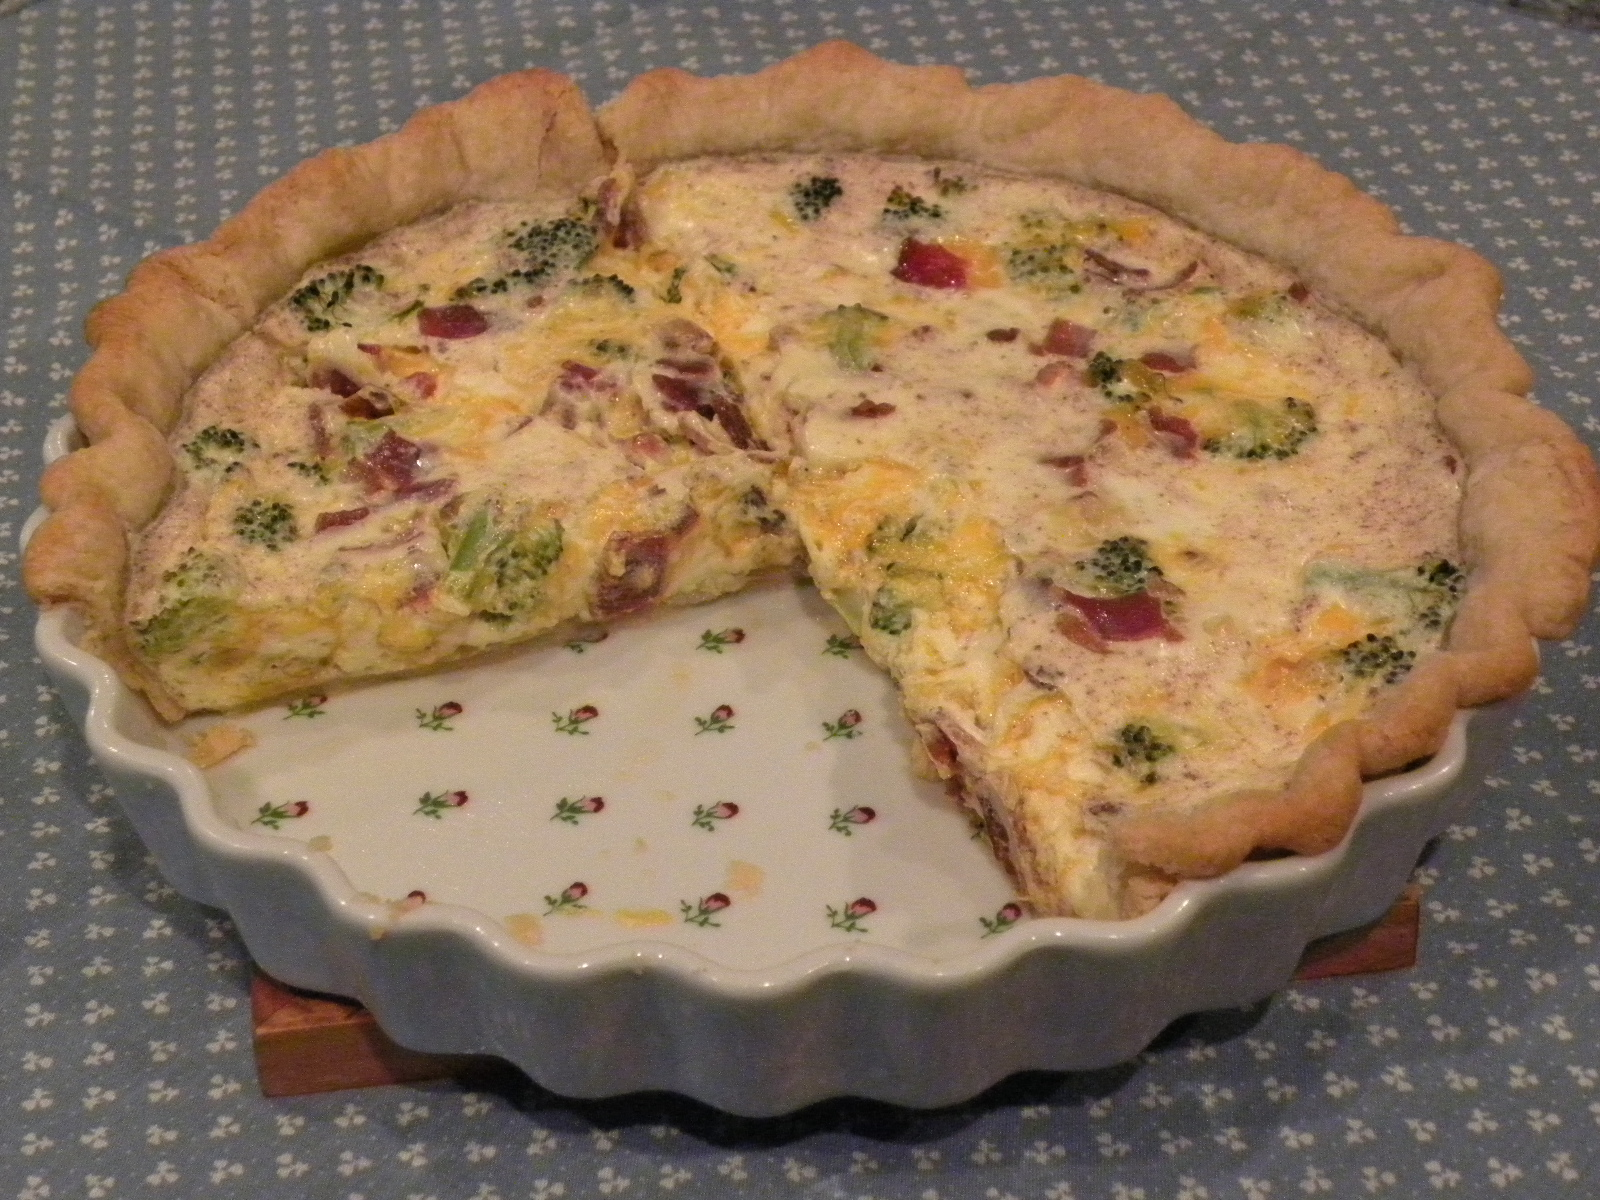 Ham and broccoli mini quiche - Cook and Post